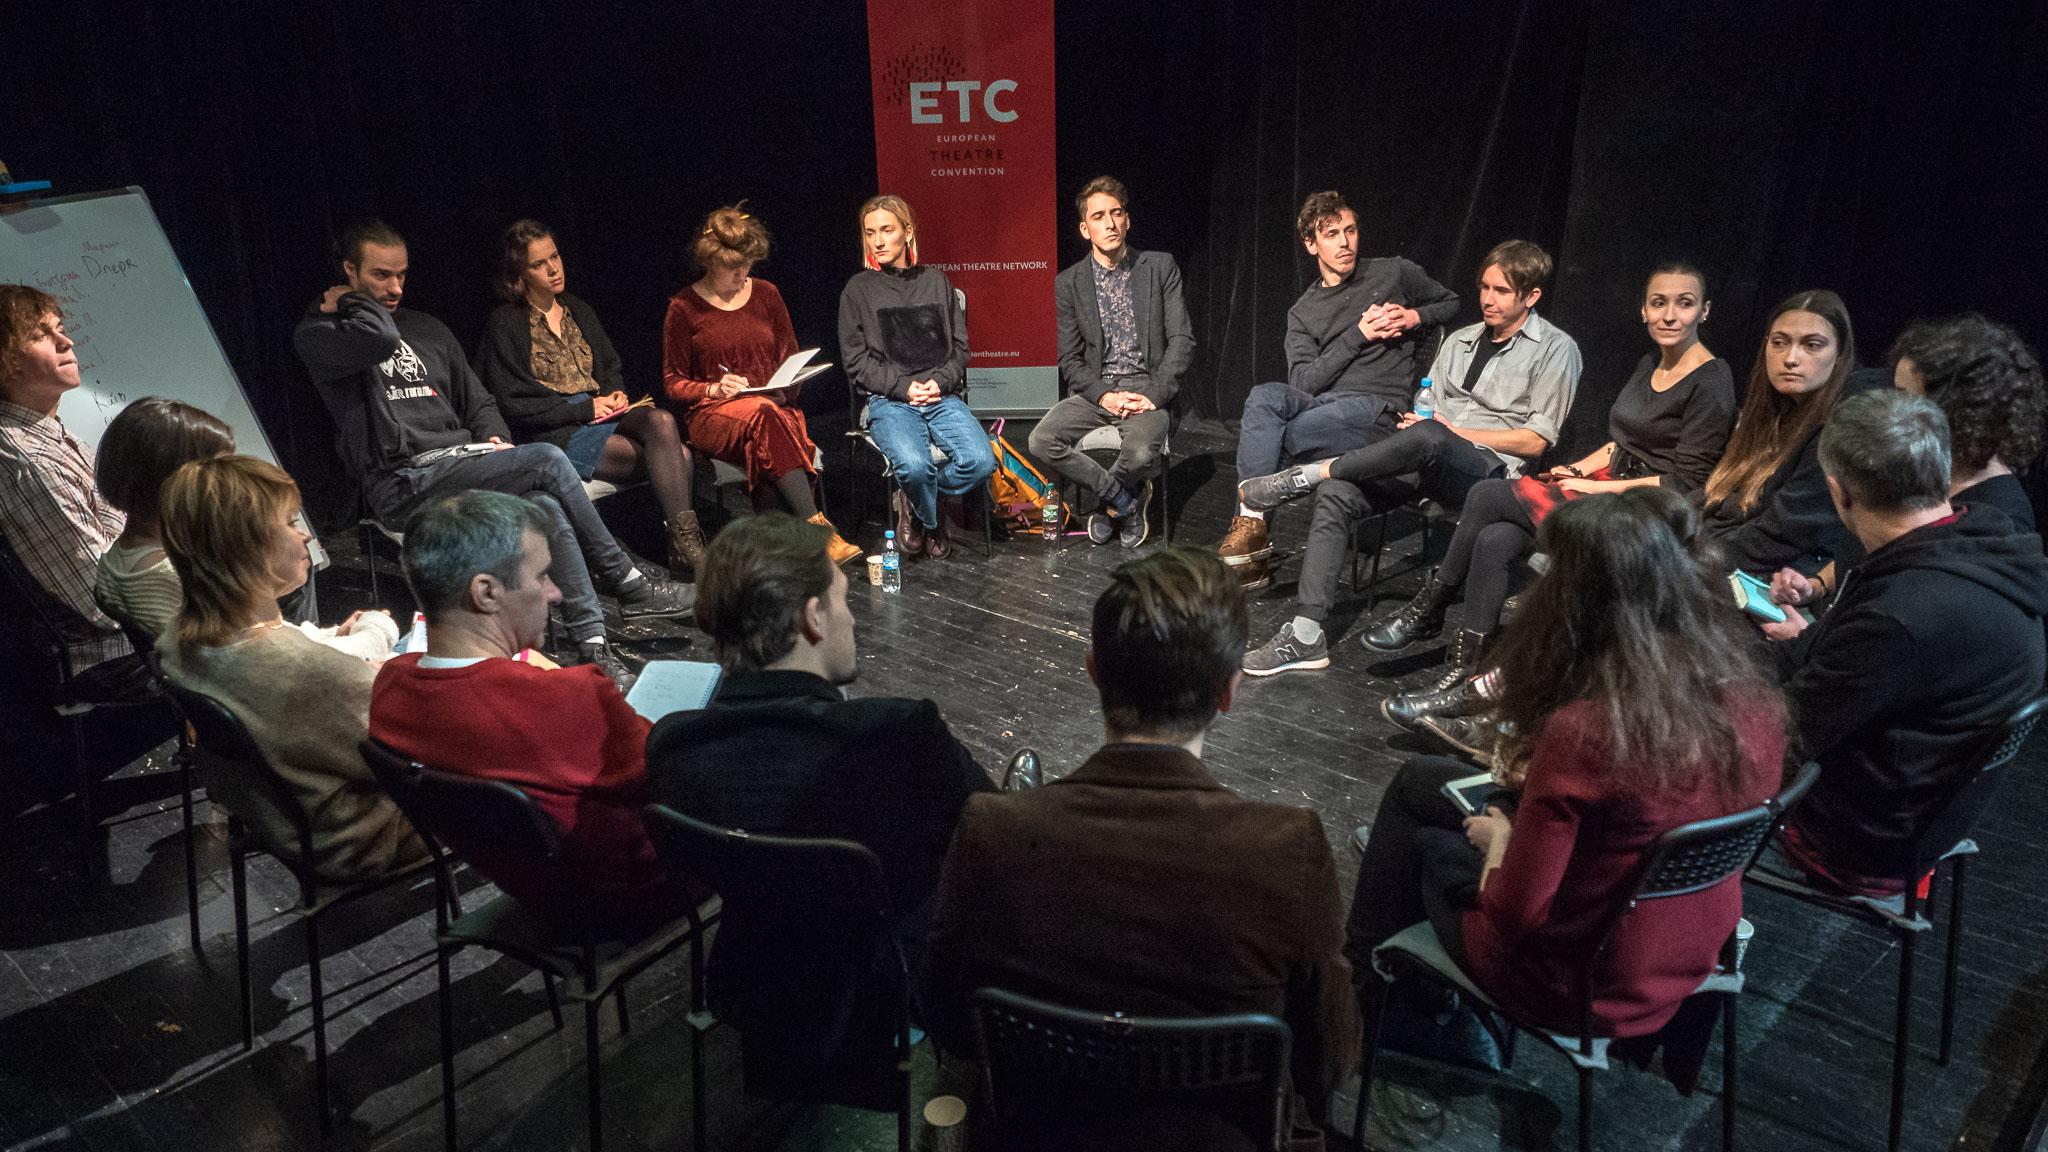 Проект Європейської театральної конвенції в Україні